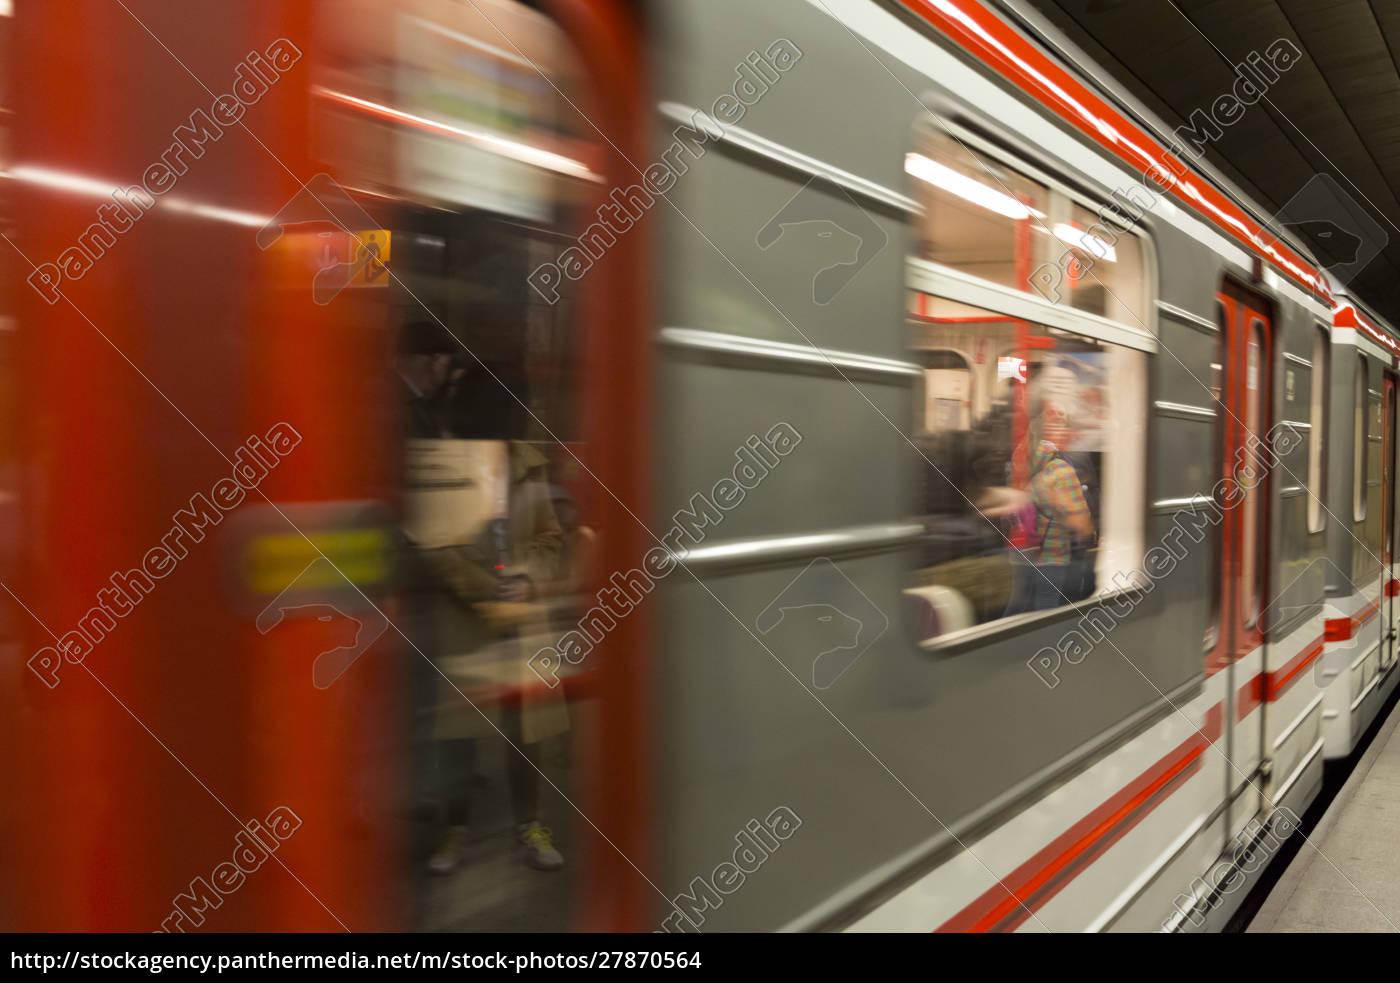 czechy, praga., rozmycie, ruchu, pociągu, metra, przybywających - 27870564